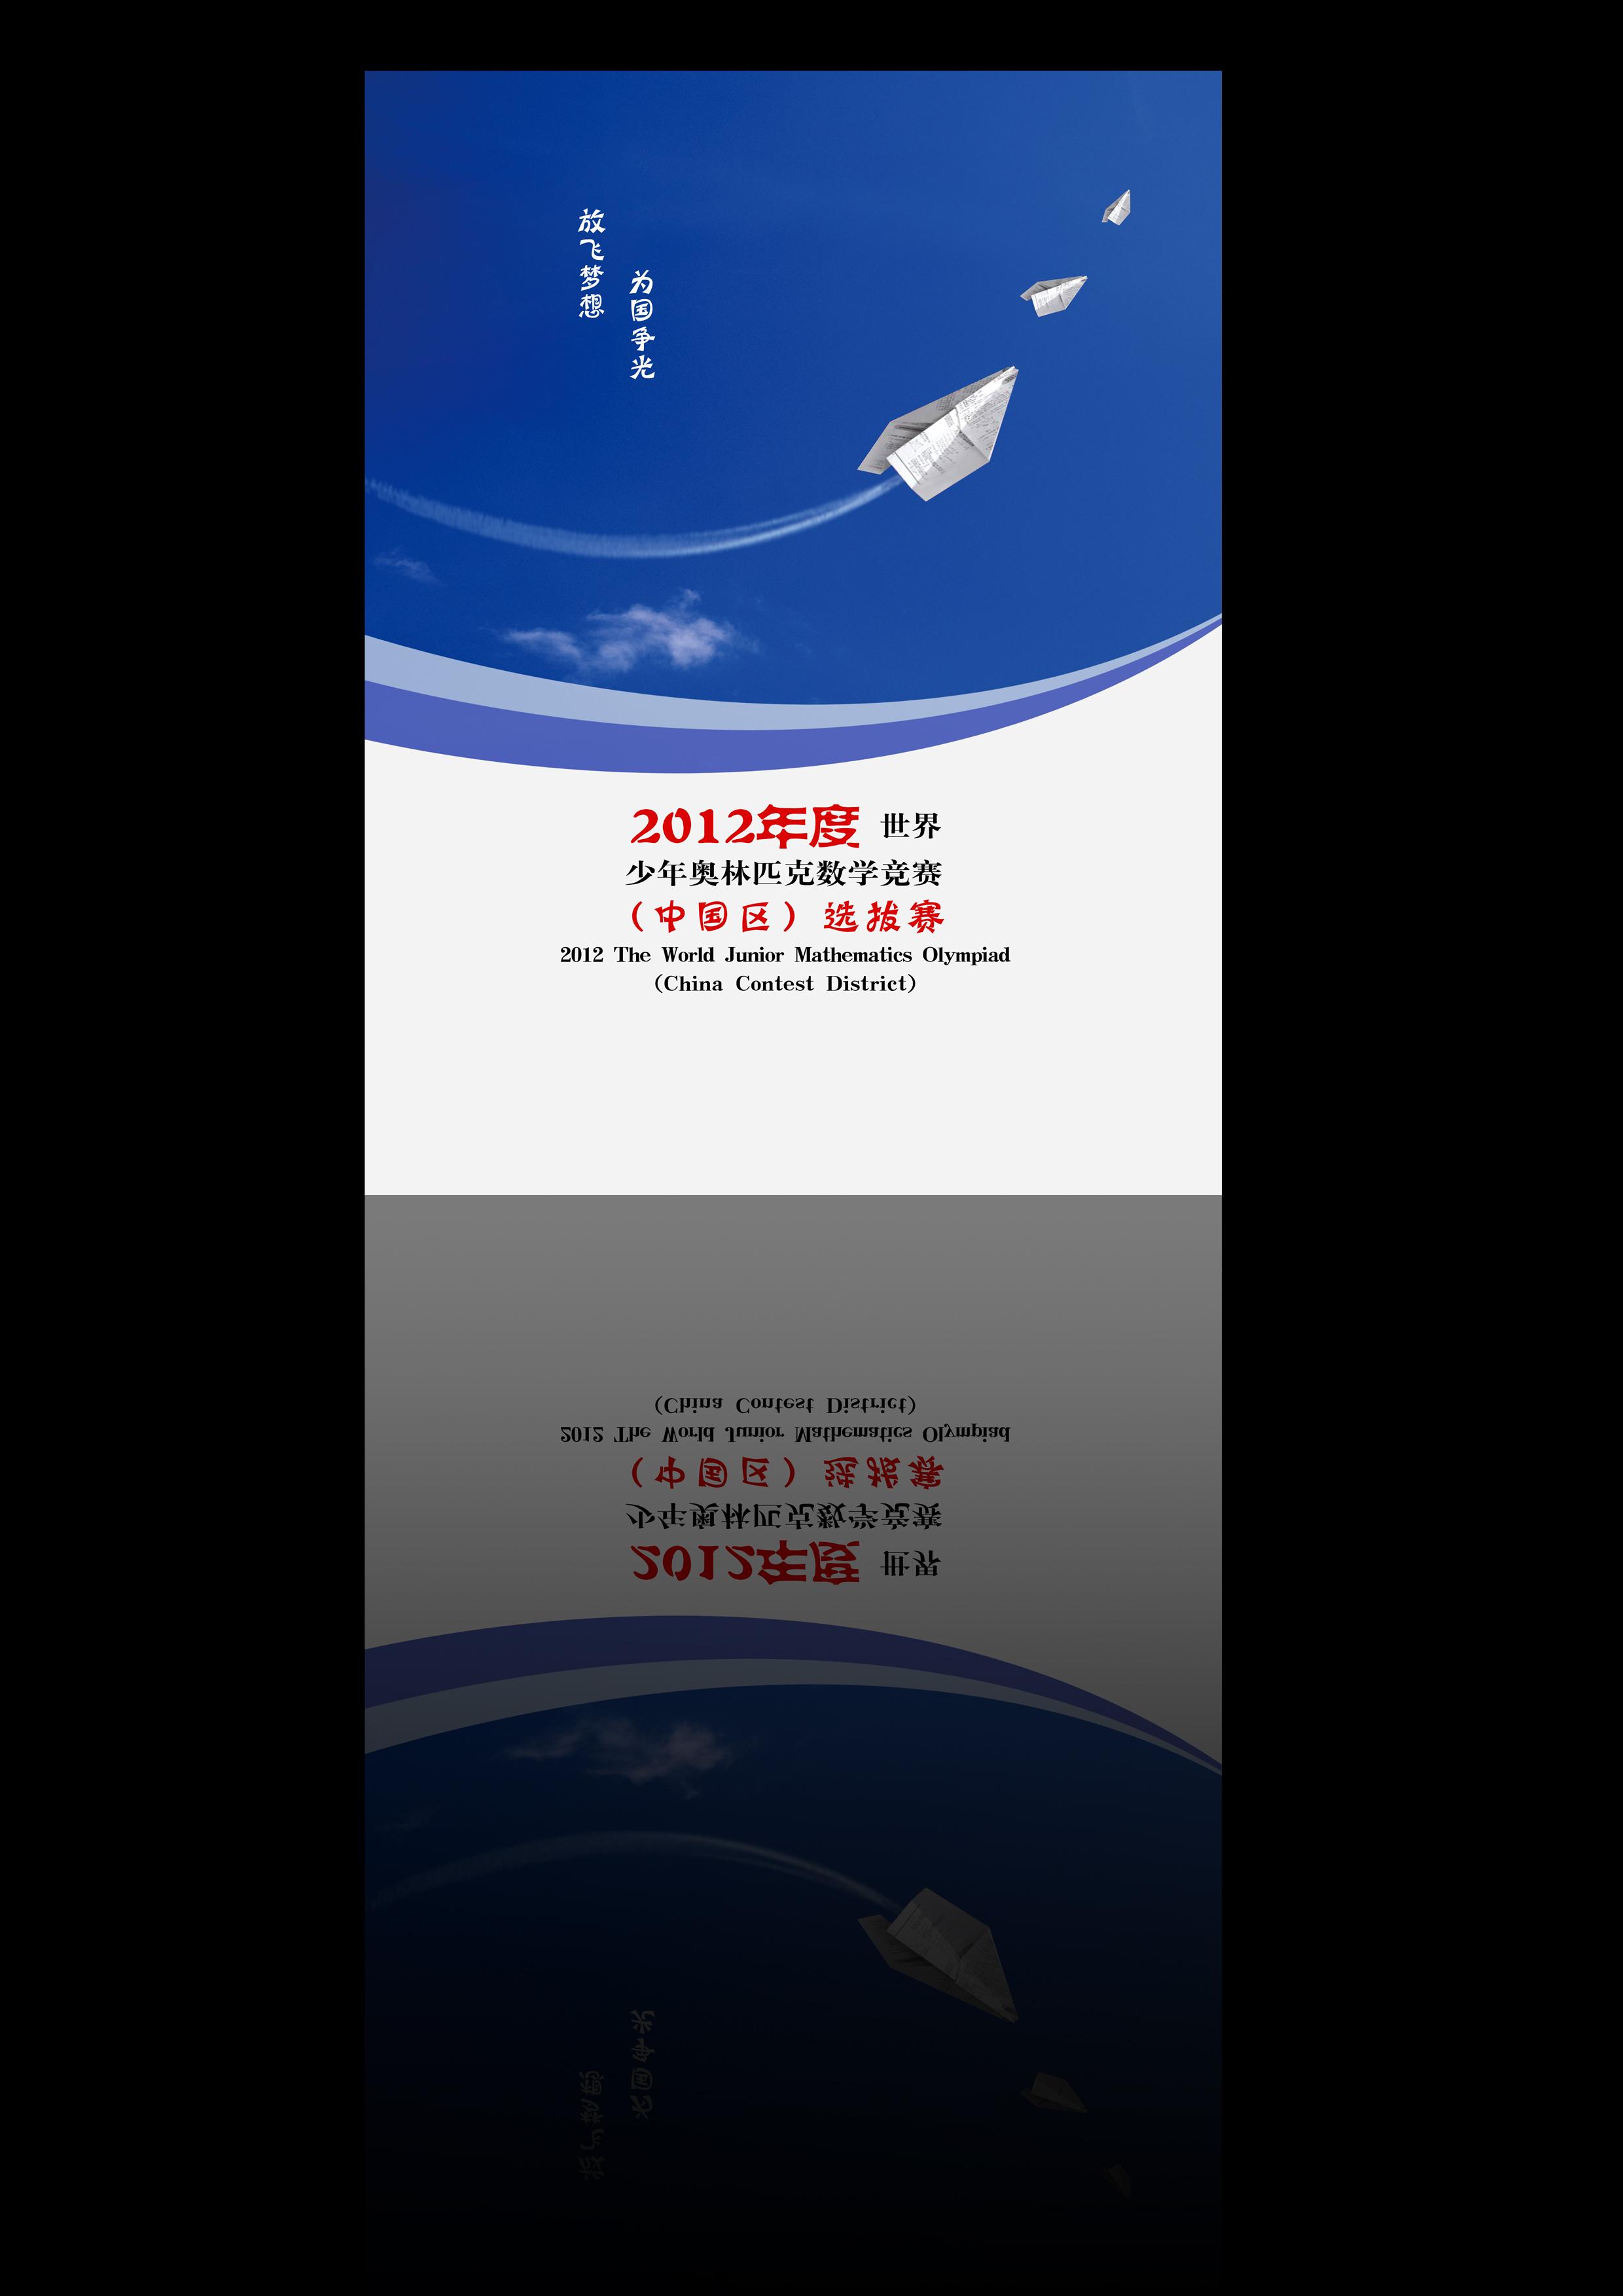 数学竞赛海报设计图片